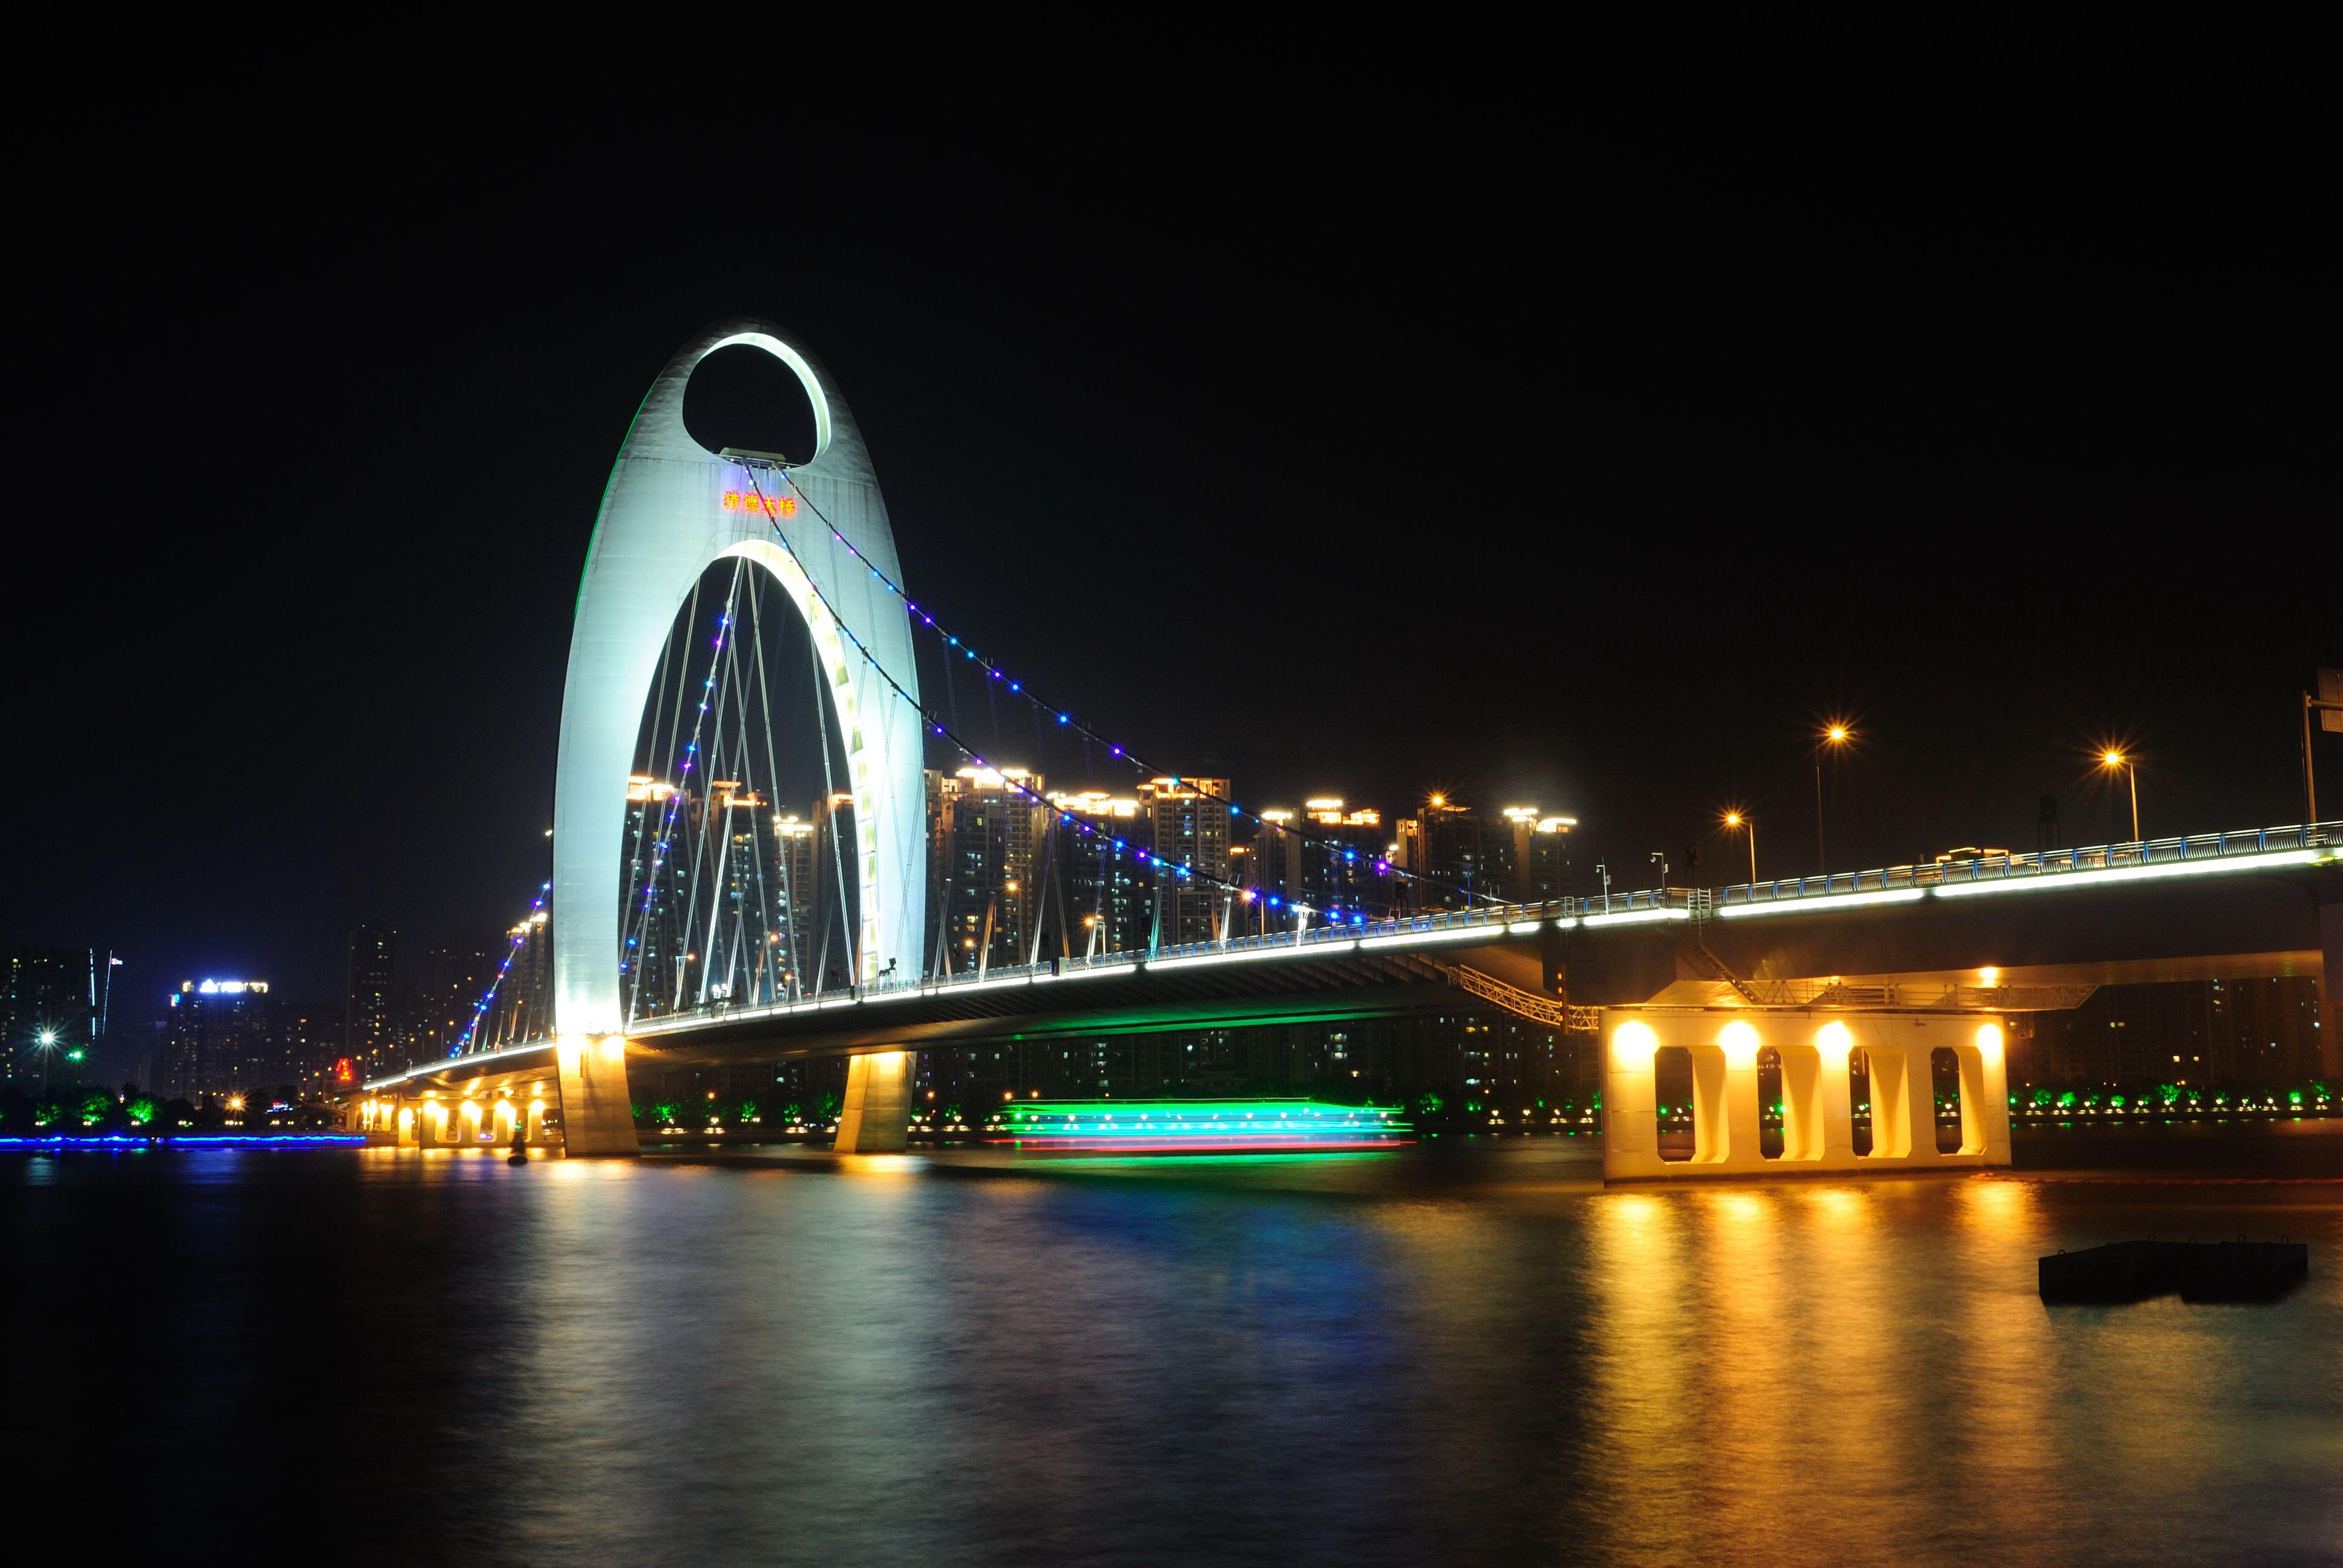 广州世界观|抢占风口,世界500强加速布局广州